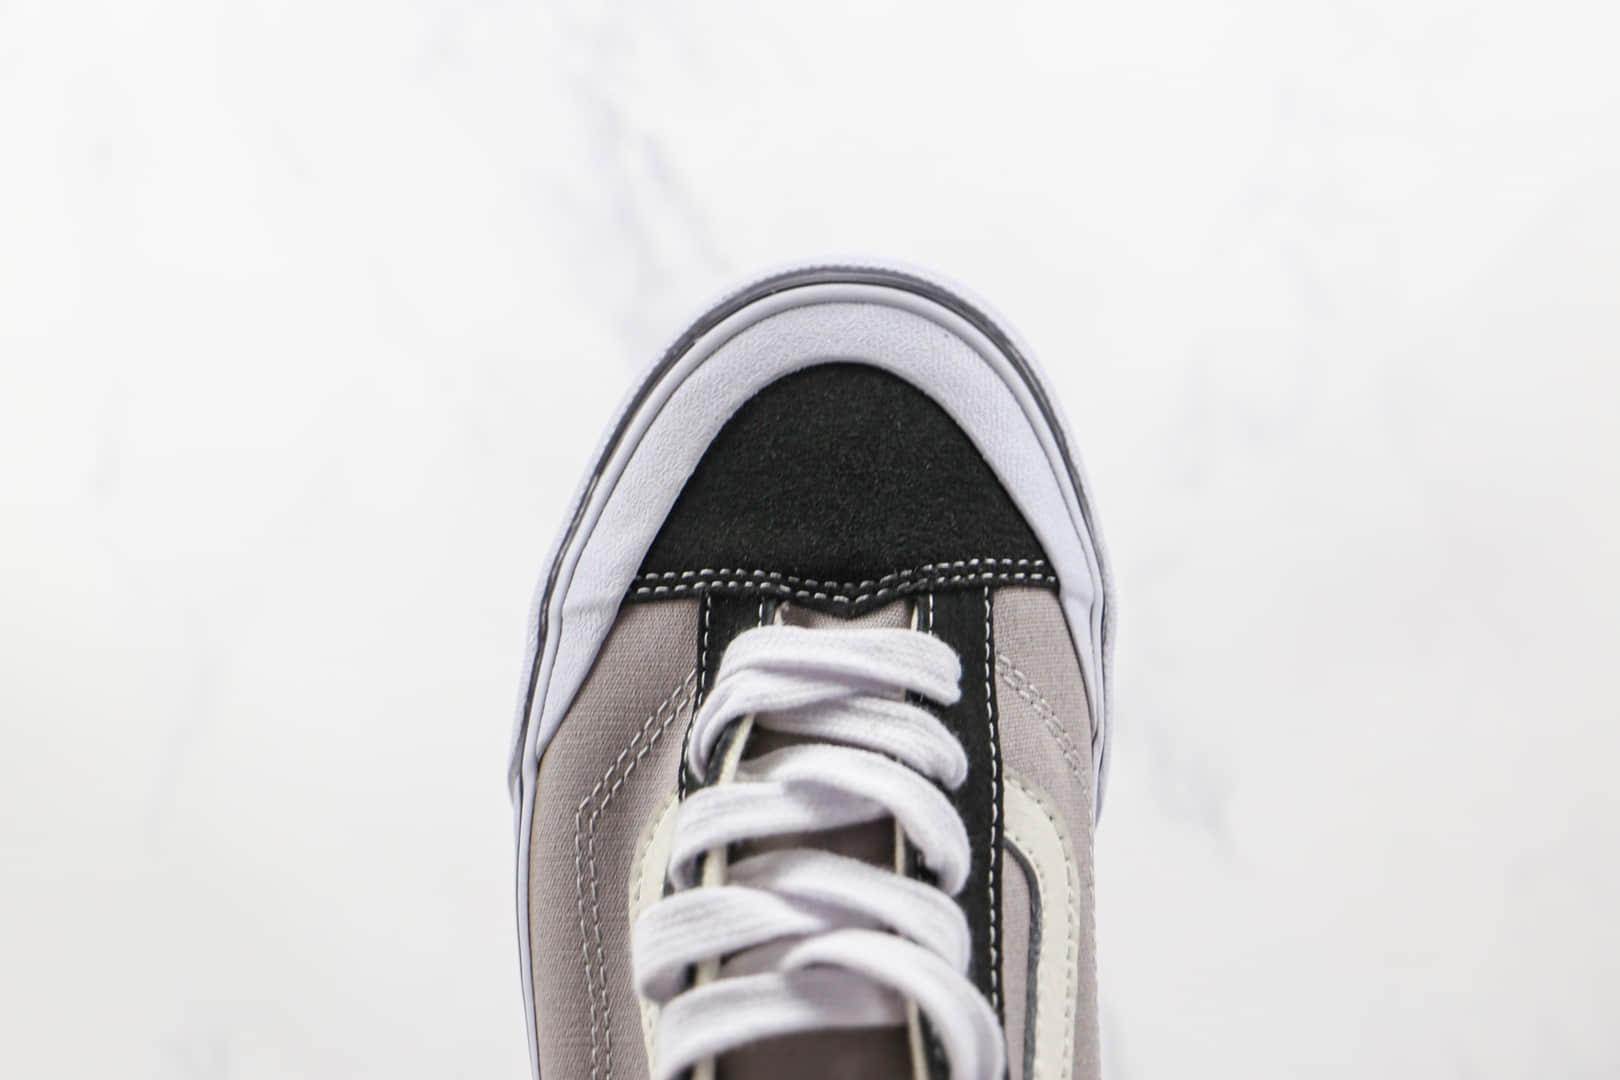 万斯Vans Style 36 Decon SF公司级版本半月包头杀人鲸酷灰黑色硫化帆布鞋原楦头纸板打造 货号:VN0A3MVLK0A